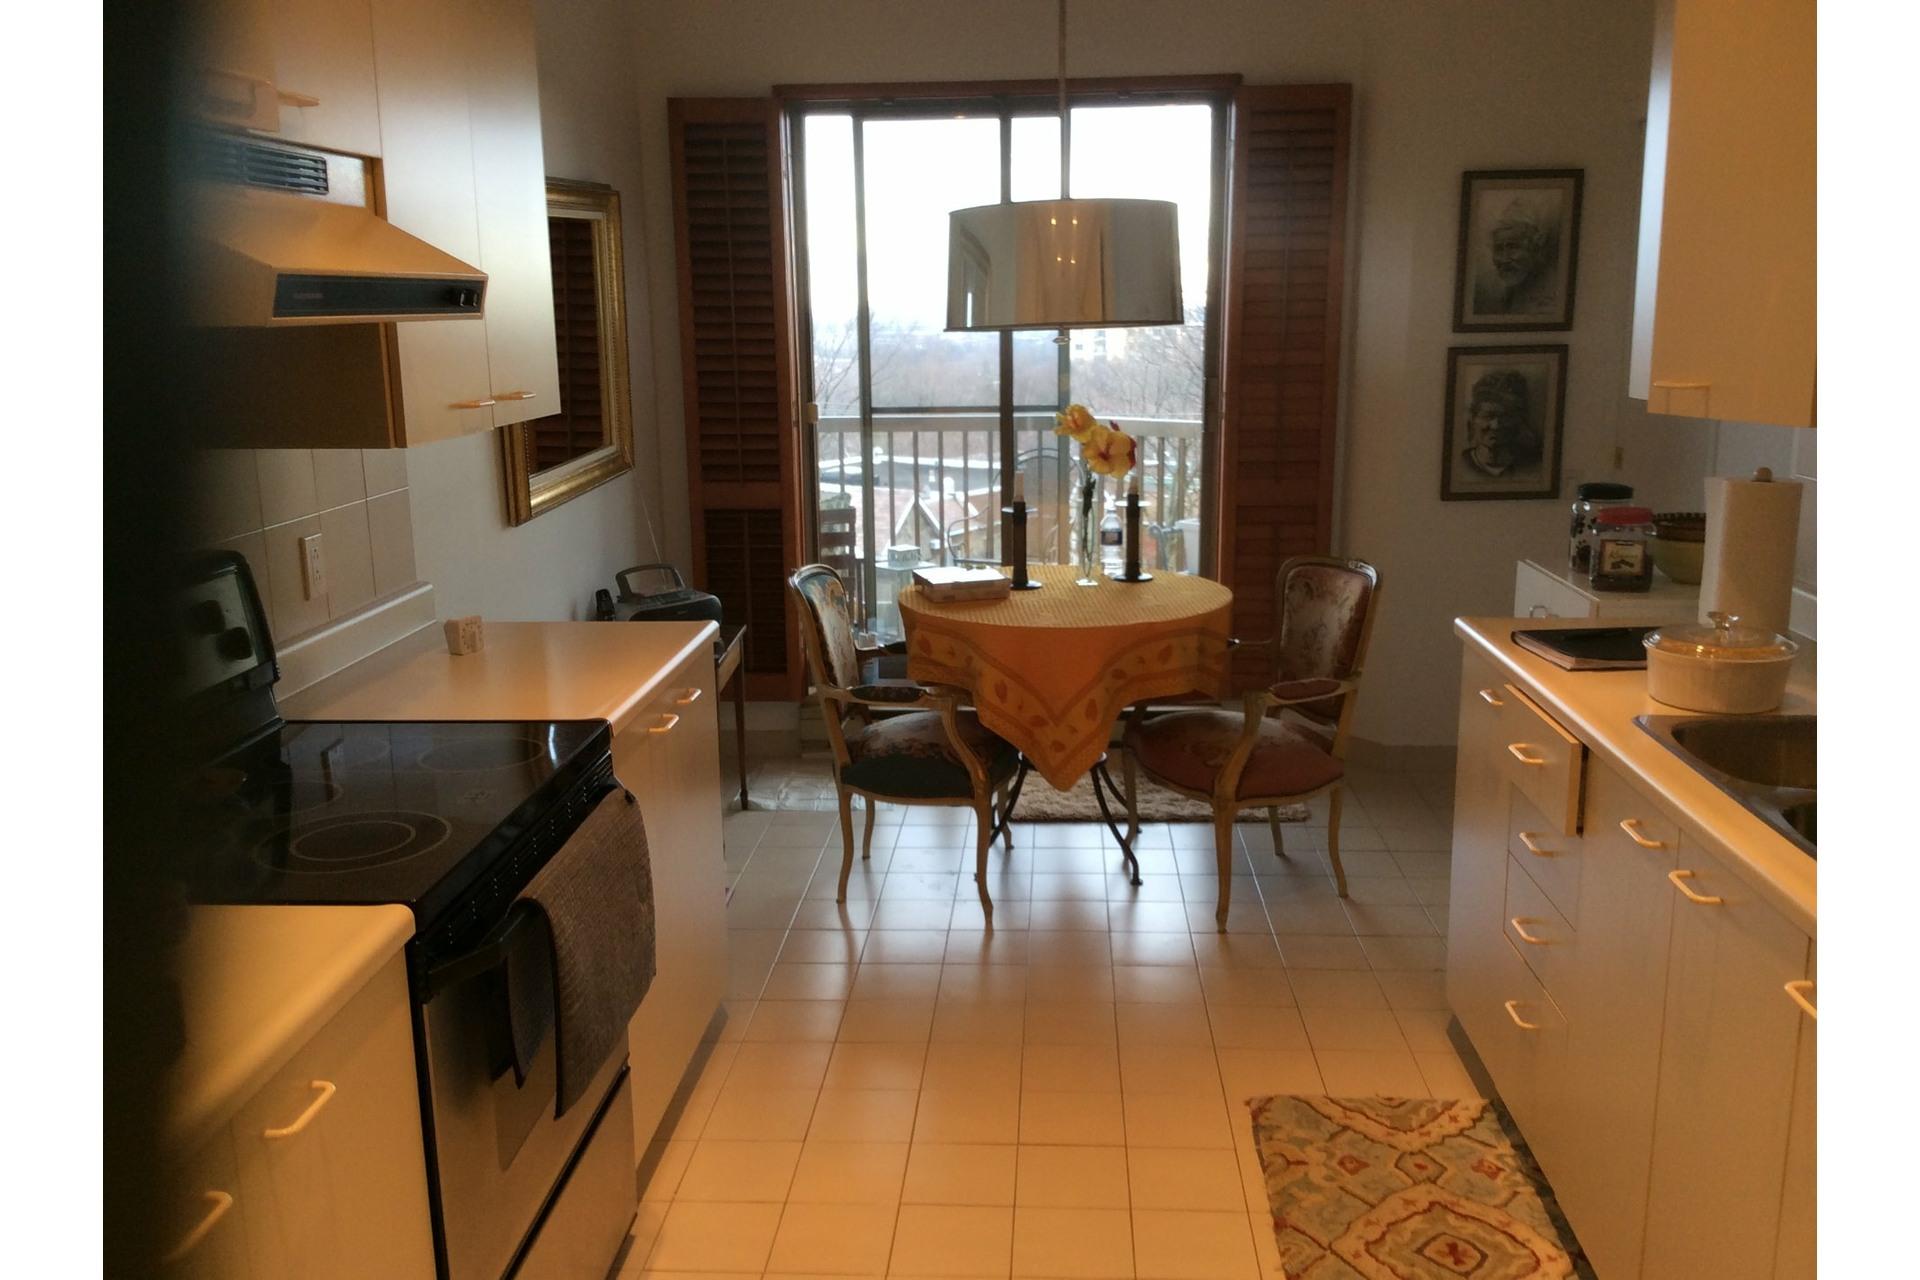 image 15 - Apartment For rent Côte-des-Neiges/Notre-Dame-de-Grâce Montréal  - 5 rooms